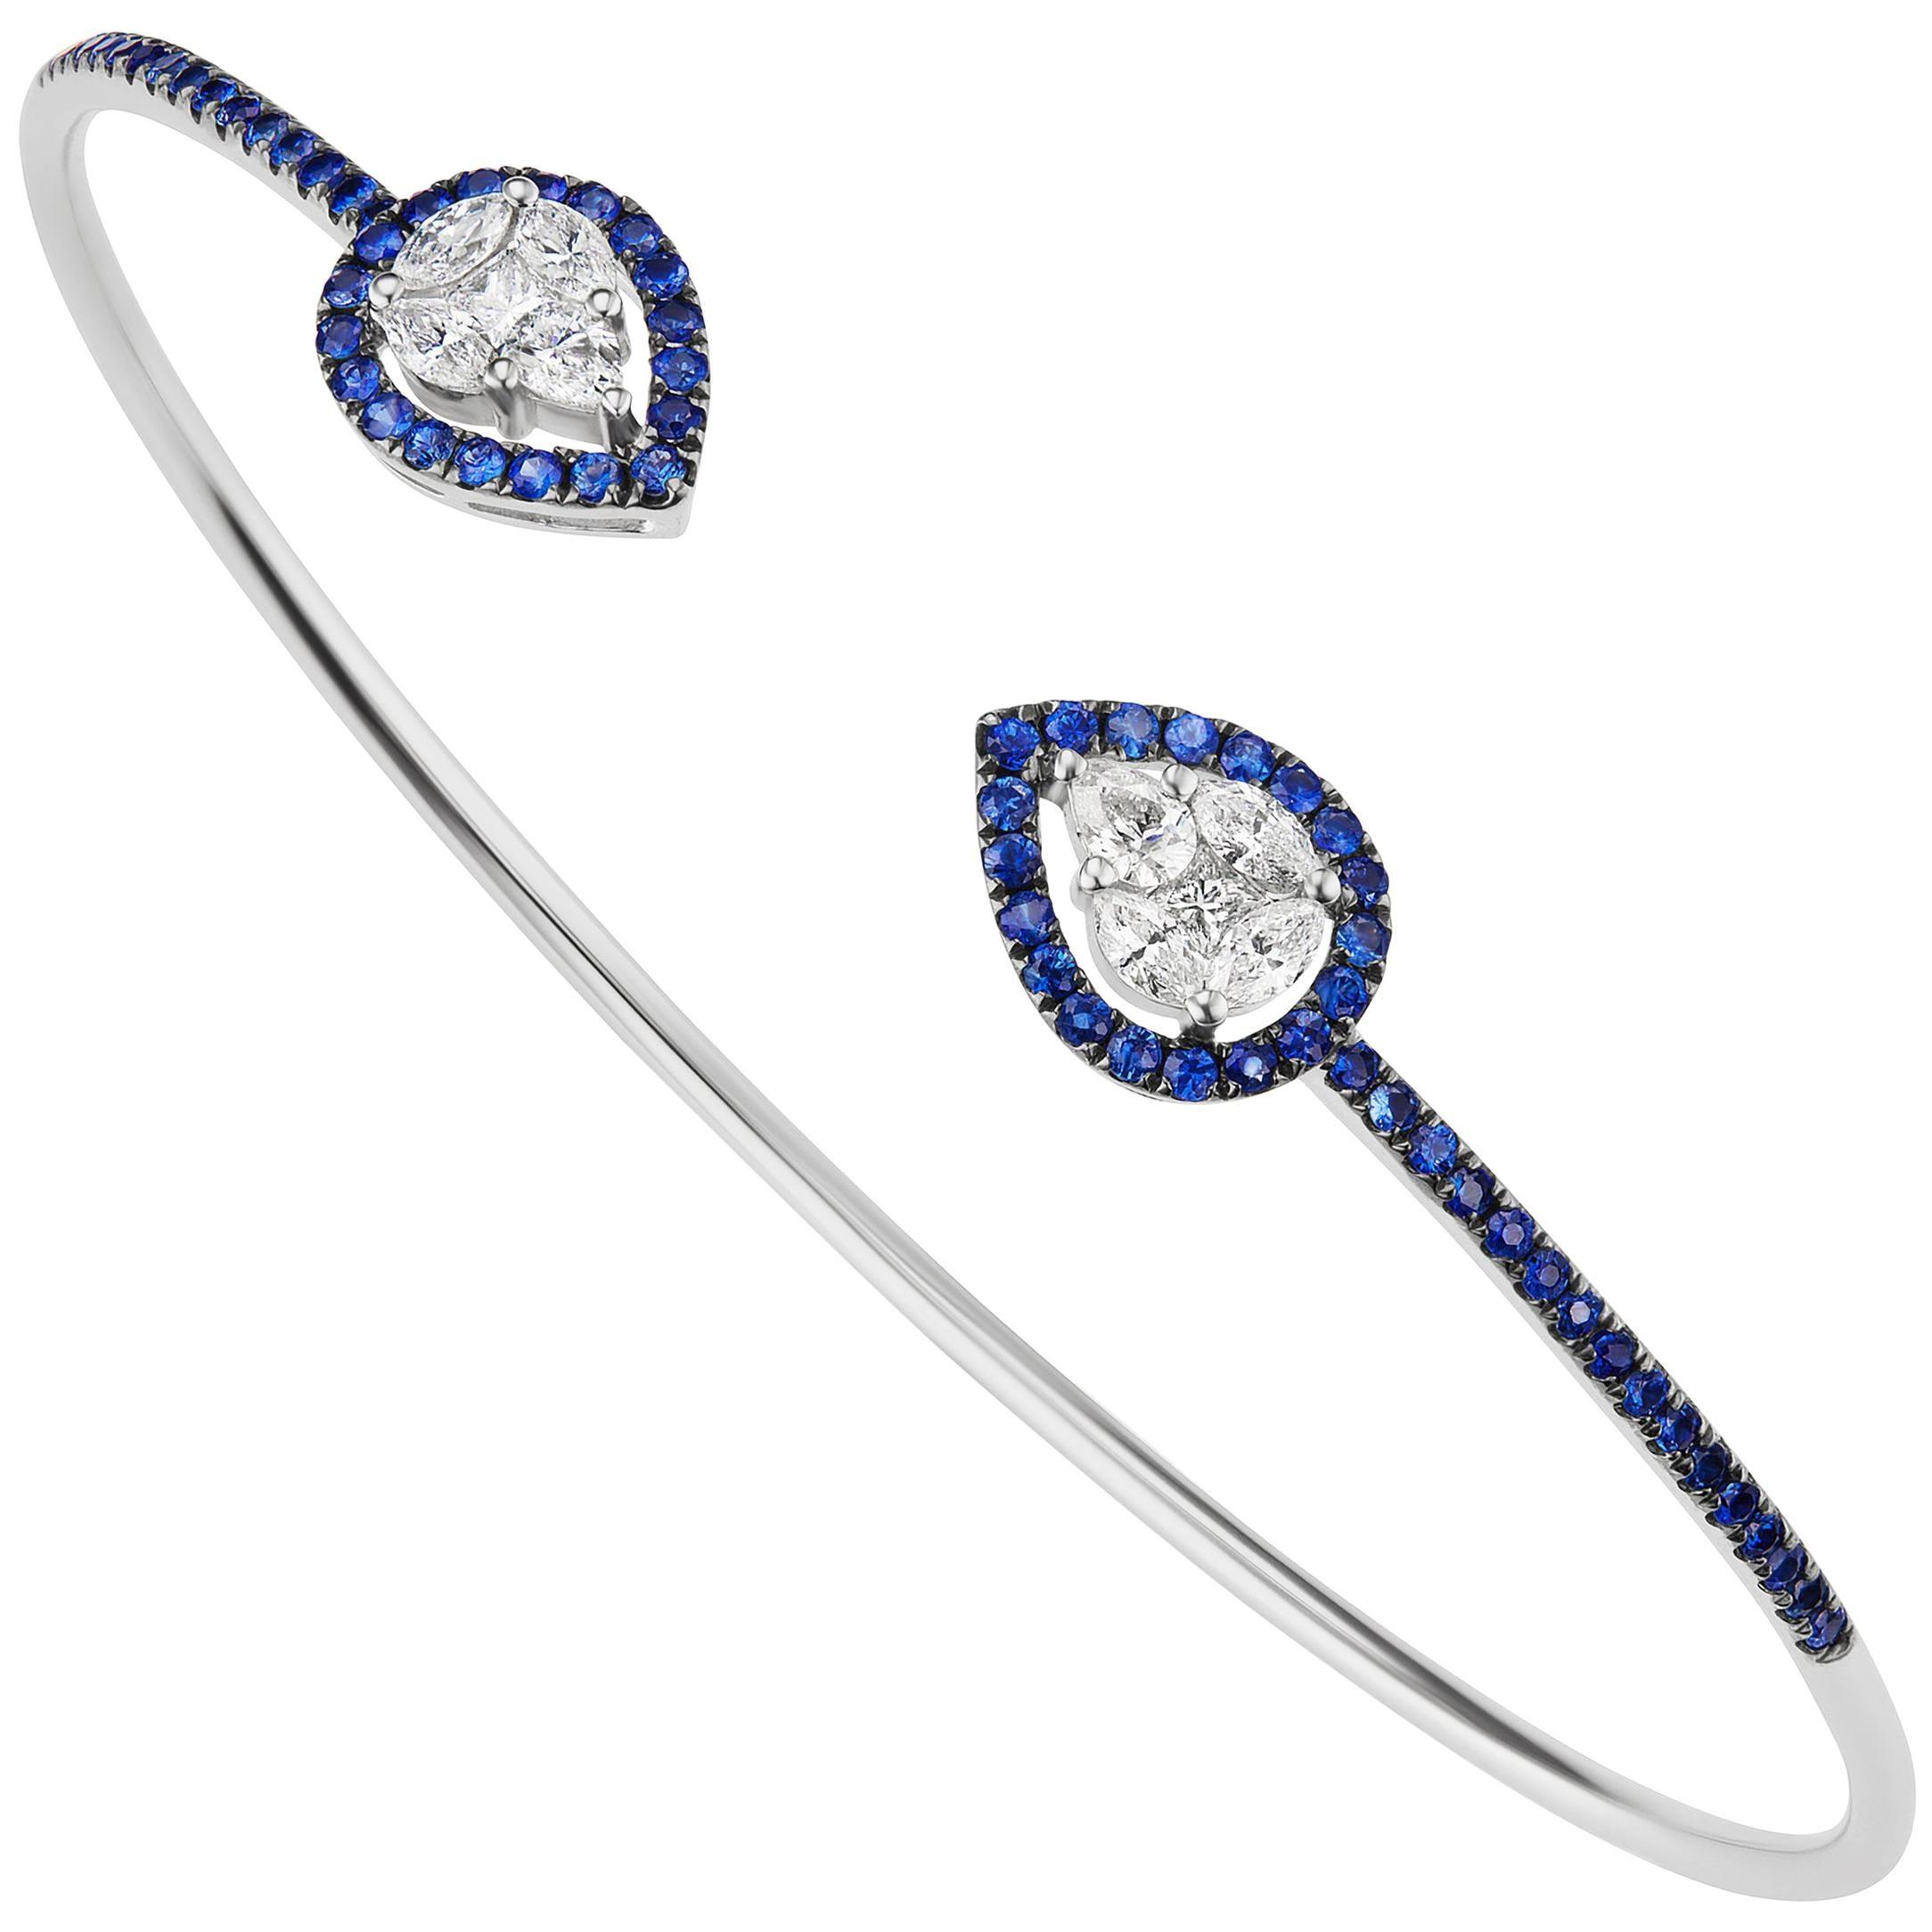 18 Karat White Gold Diamond and Pave Blue Sapphire Cuff Bangle